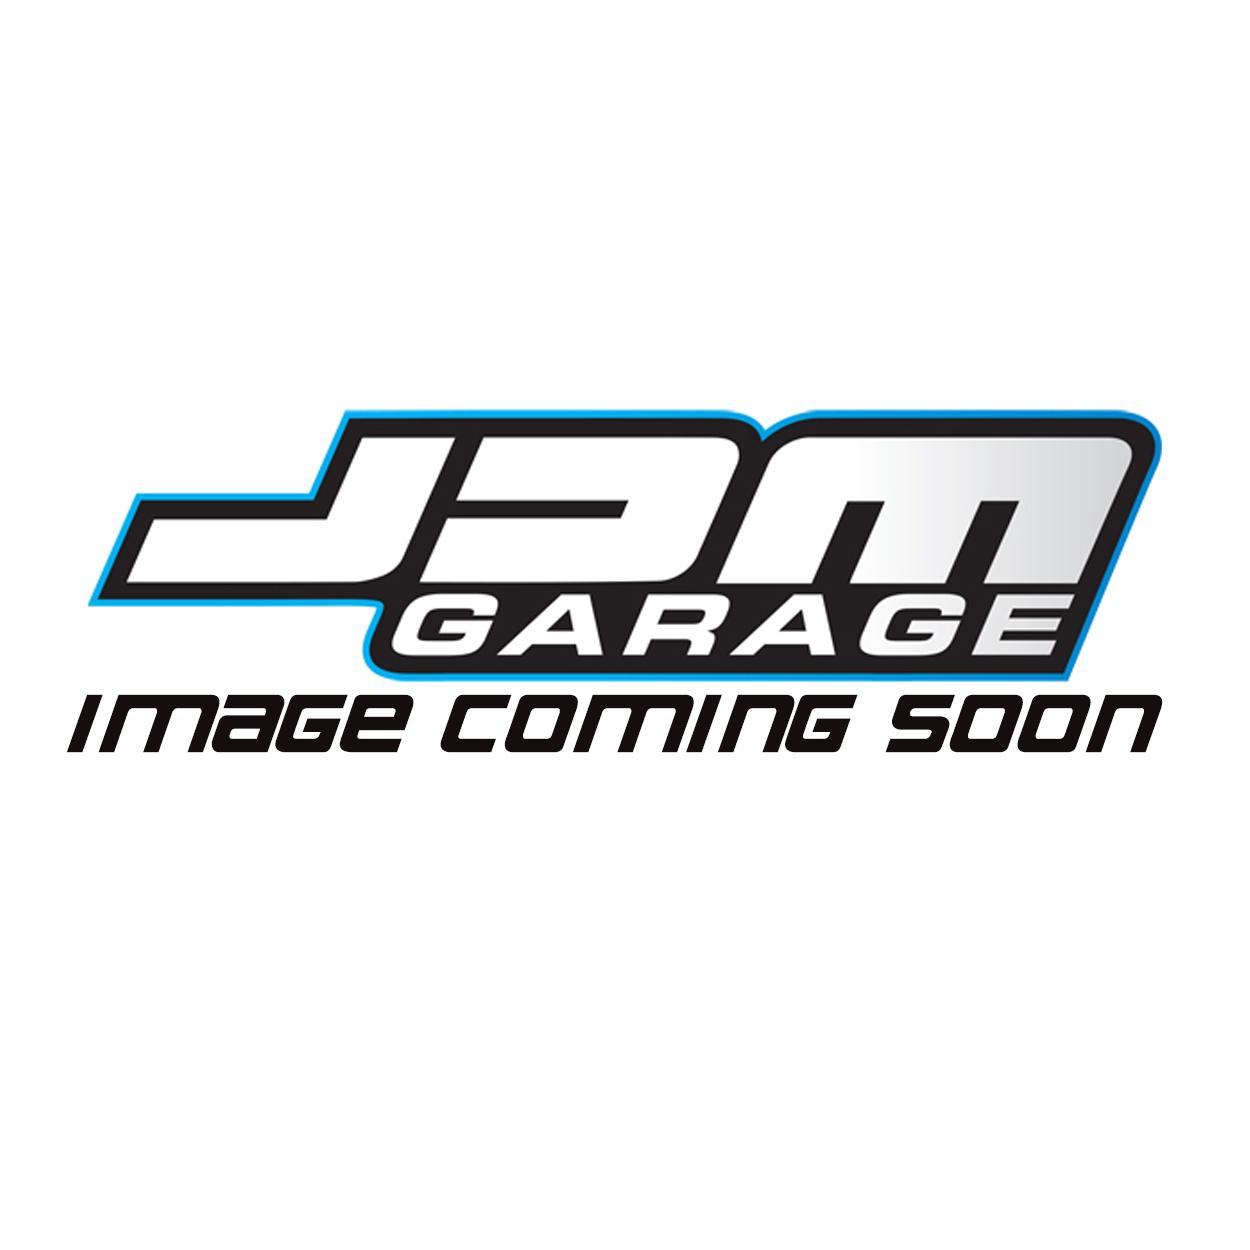 DBA 4000 Series Front Brake Disc - T3 - For Mitsubishi Lancer Evo Evolution 4 IV 5 V / Galant VR4 / Legnum VR4